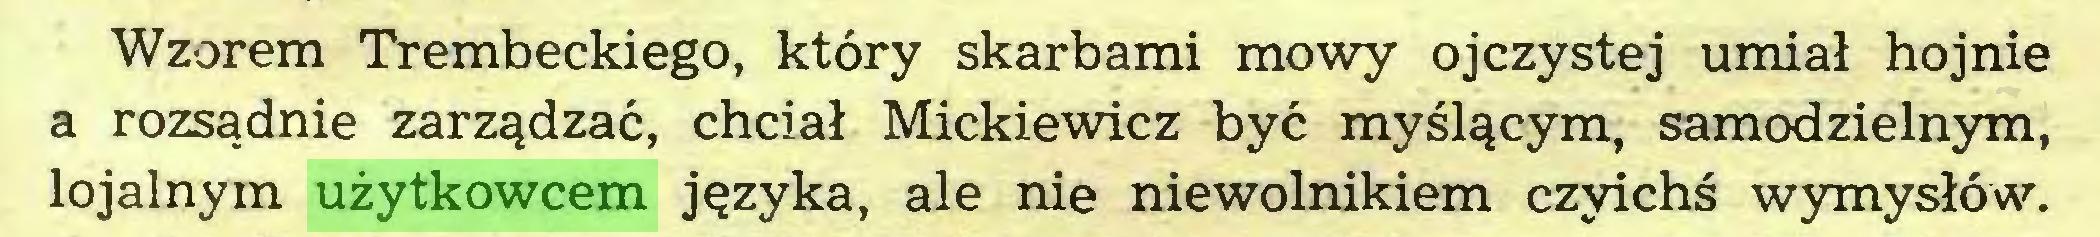 (...) Wzorem Trembeckiego, który skarbami mowy ojczystej umiał hojnie a rozsądnie zarządzać, chciał Mickiewicz być myślącym, samodzielnym, lojalnym użytkowcem języka, ale nie niewolnikiem czyichś wymysłów...